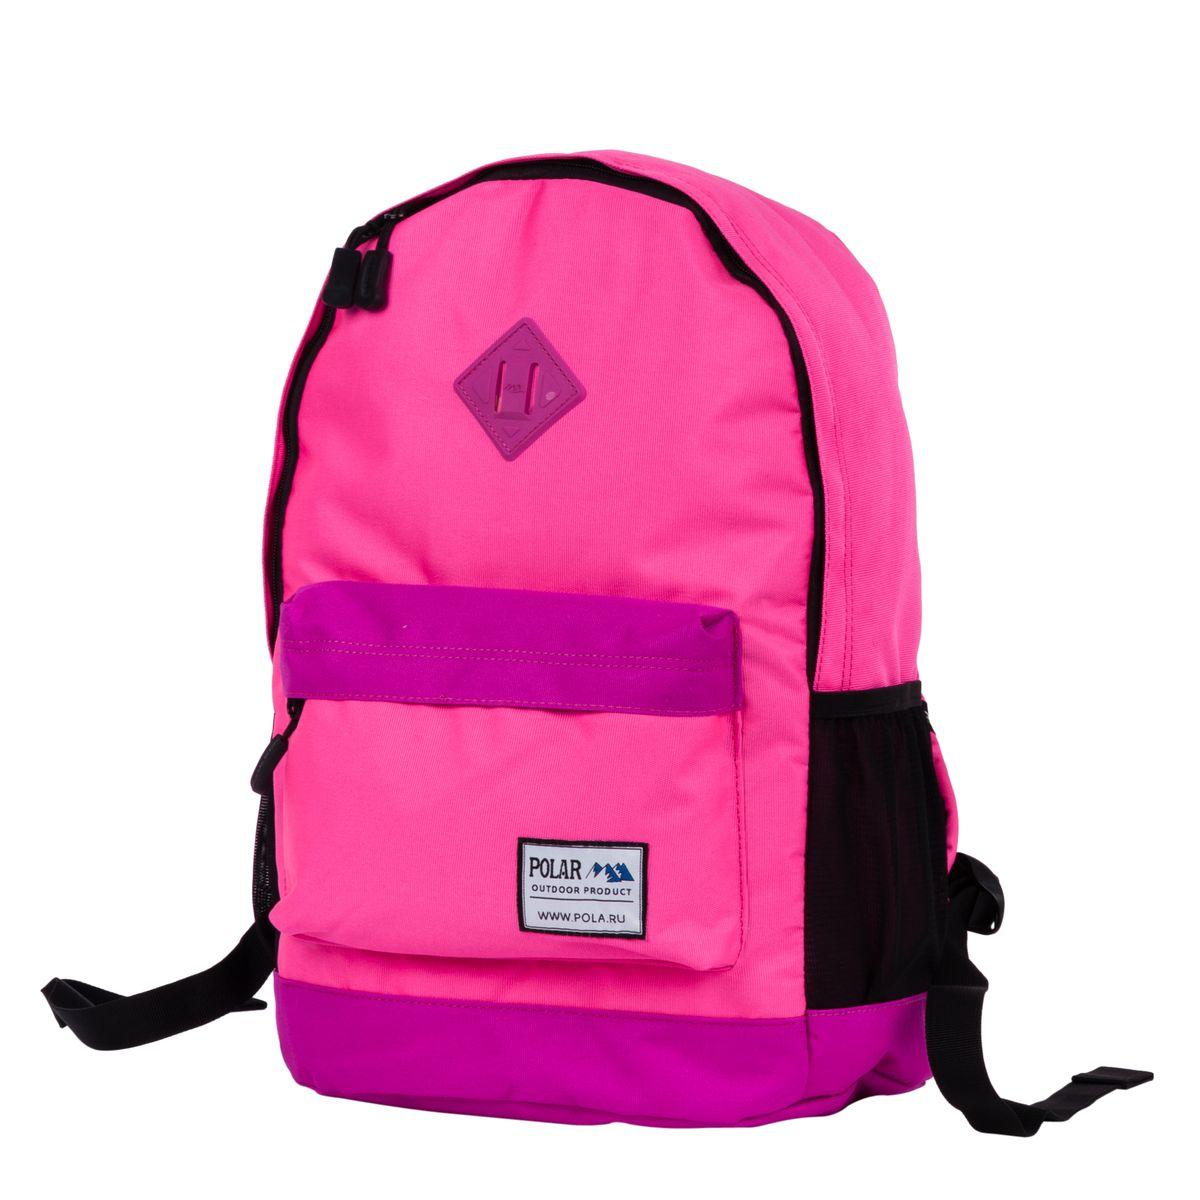 Рюкзак городской Polar, 22,5 л, цвет: розовый. 15008